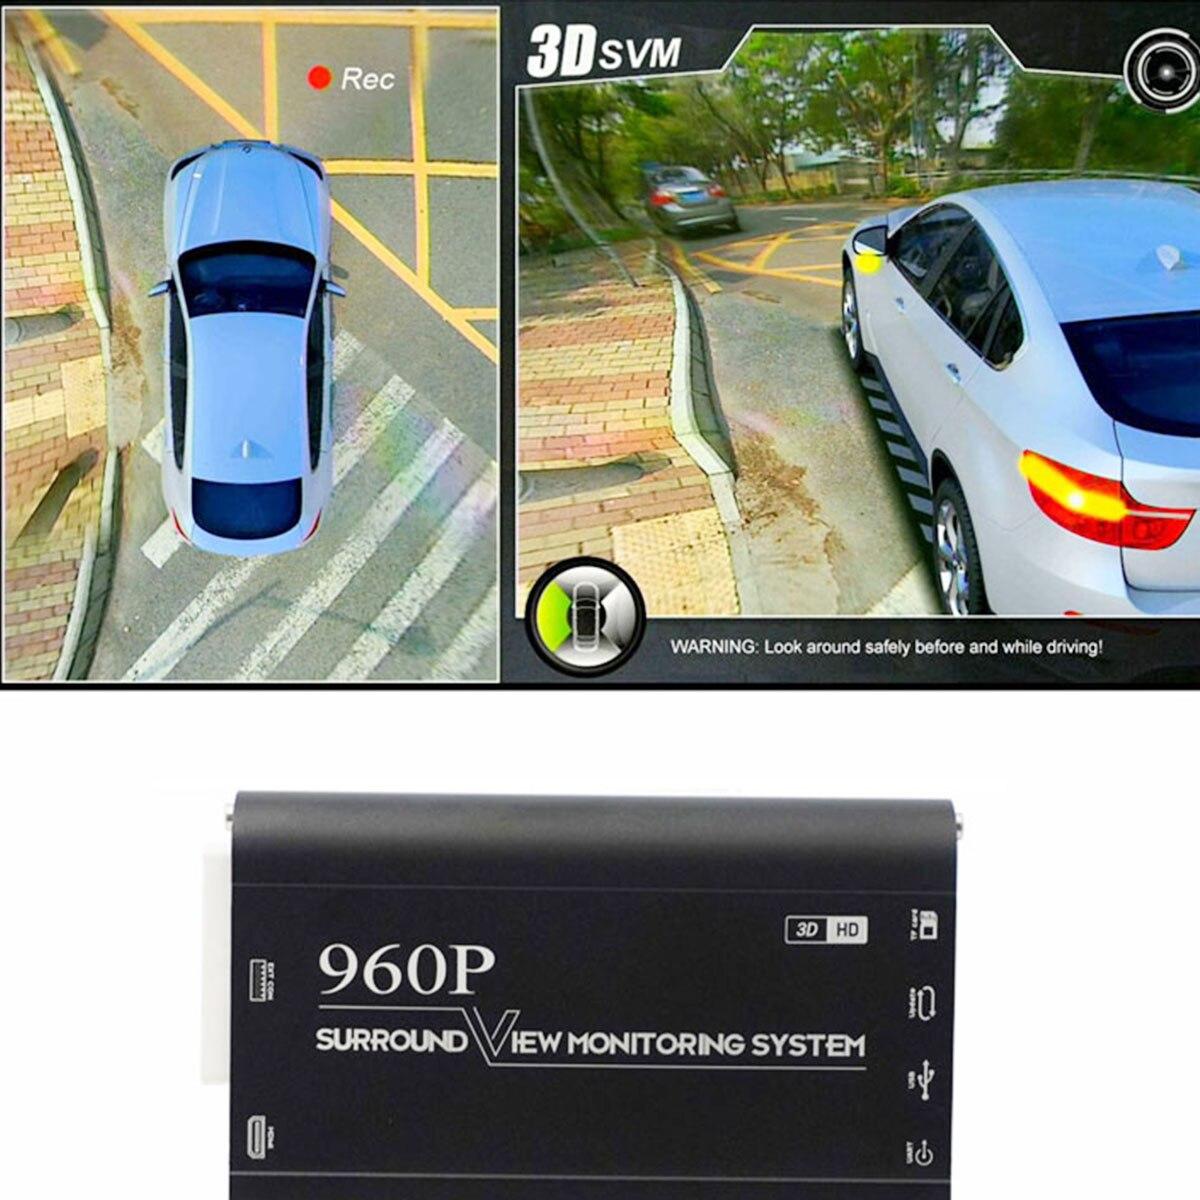 Новейшая 360 3D HD автомобильная система наблюдения Surroundview Bird View 4 камера DVR Dash камера HD 1080P регистратор мониторинг парковки